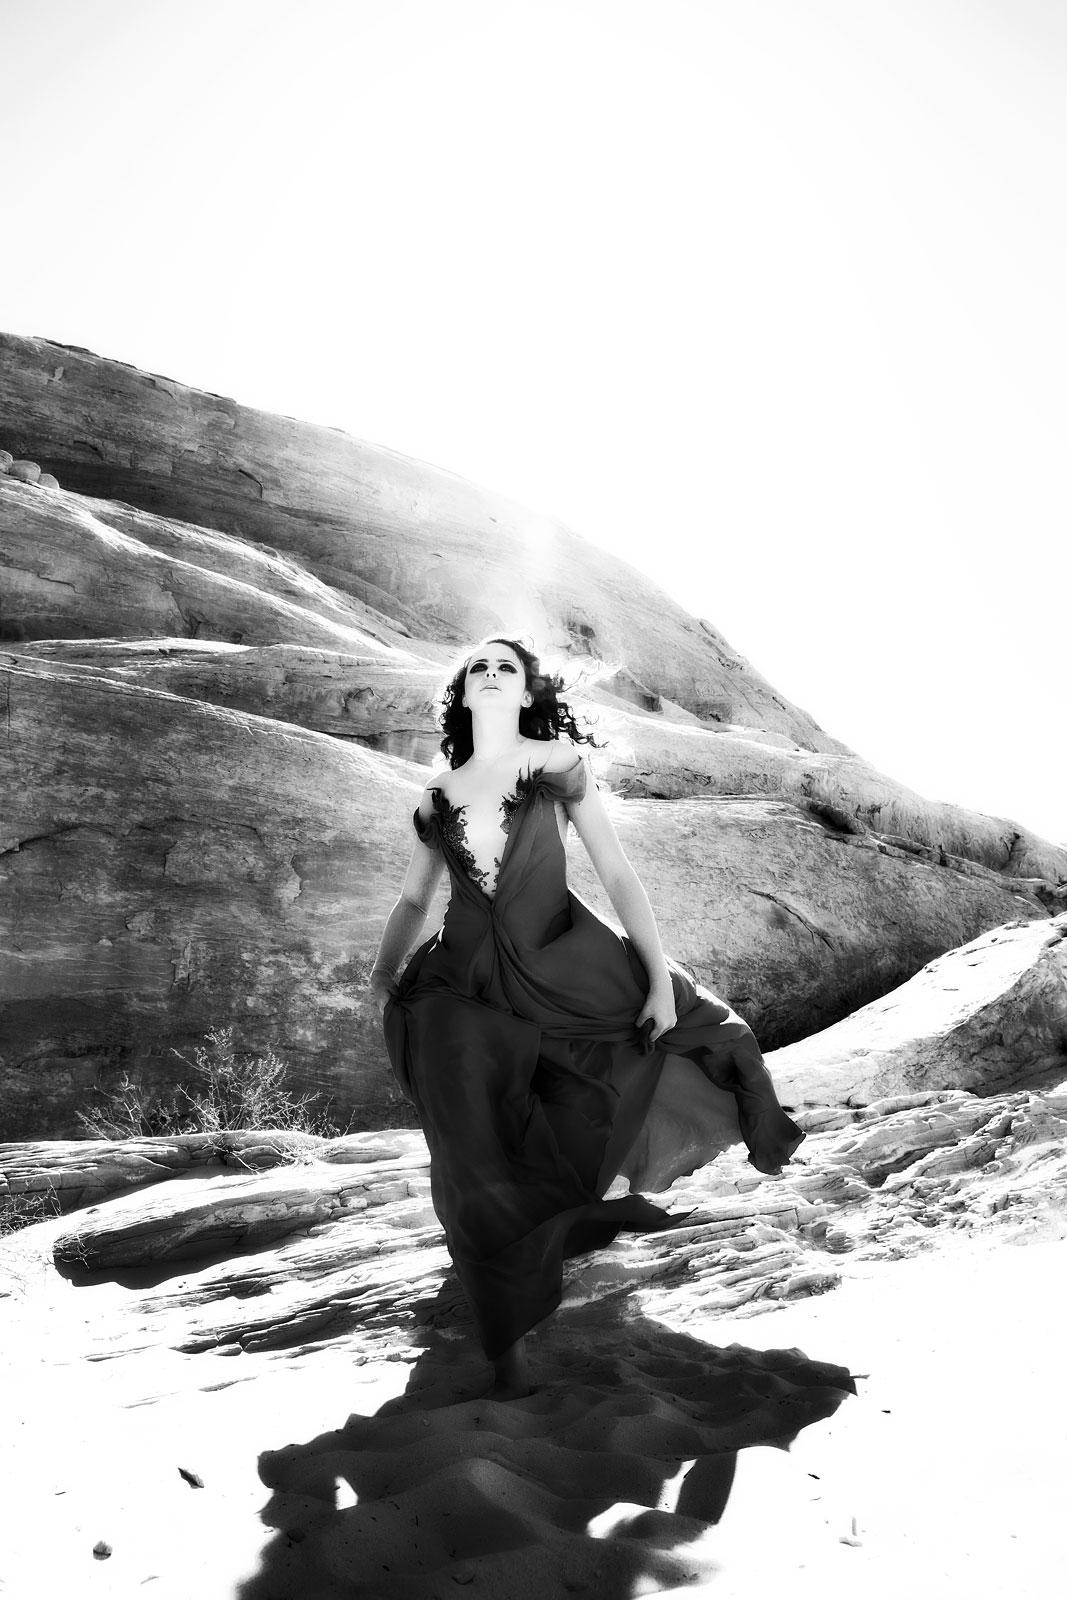 Foto van vrouw op berg in zwarte jurk